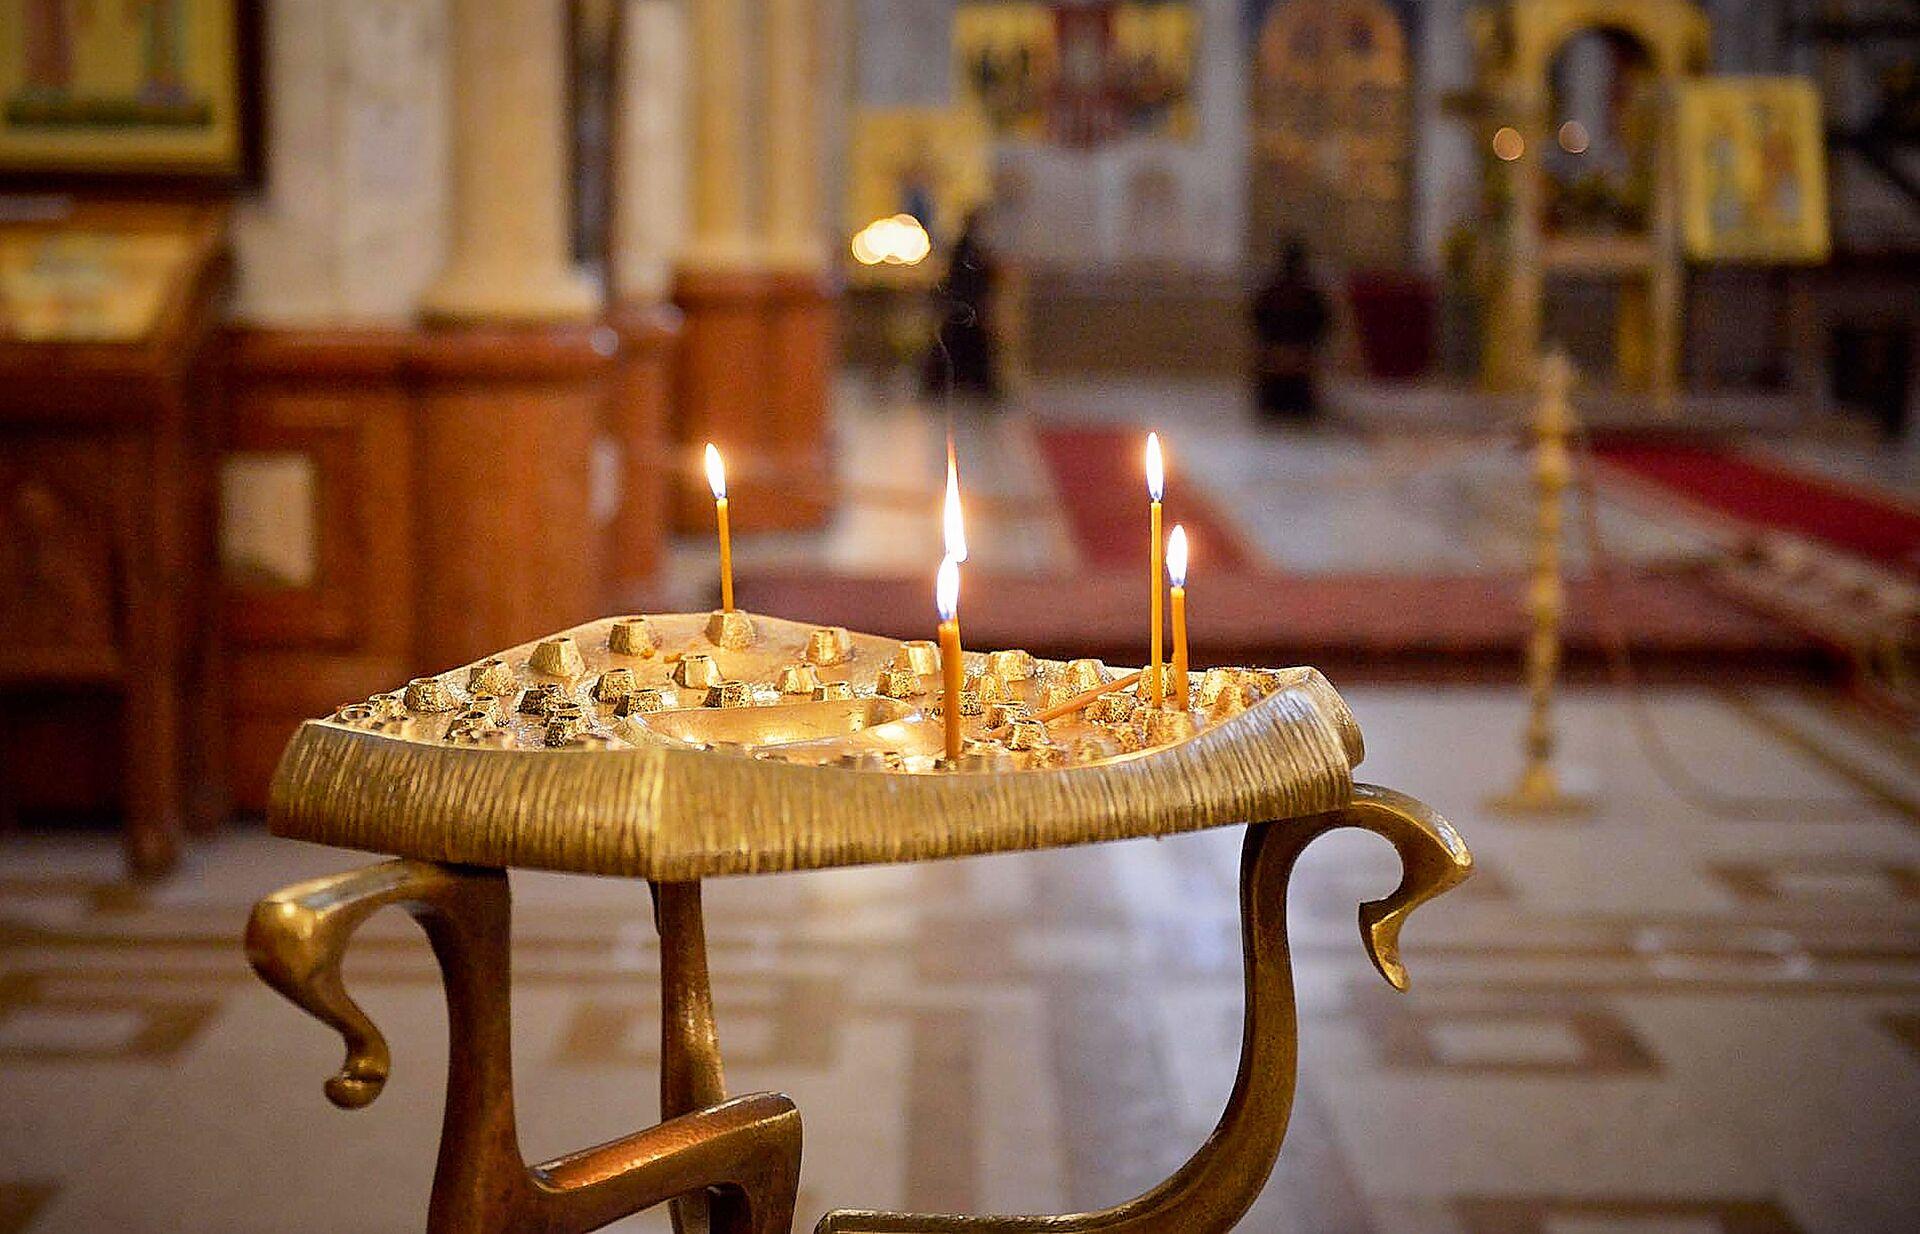 Горящие свечи в храме. Кафедральный собор Святой Троицы Самеба во время карантина - Sputnik Грузия, 1920, 06.09.2021